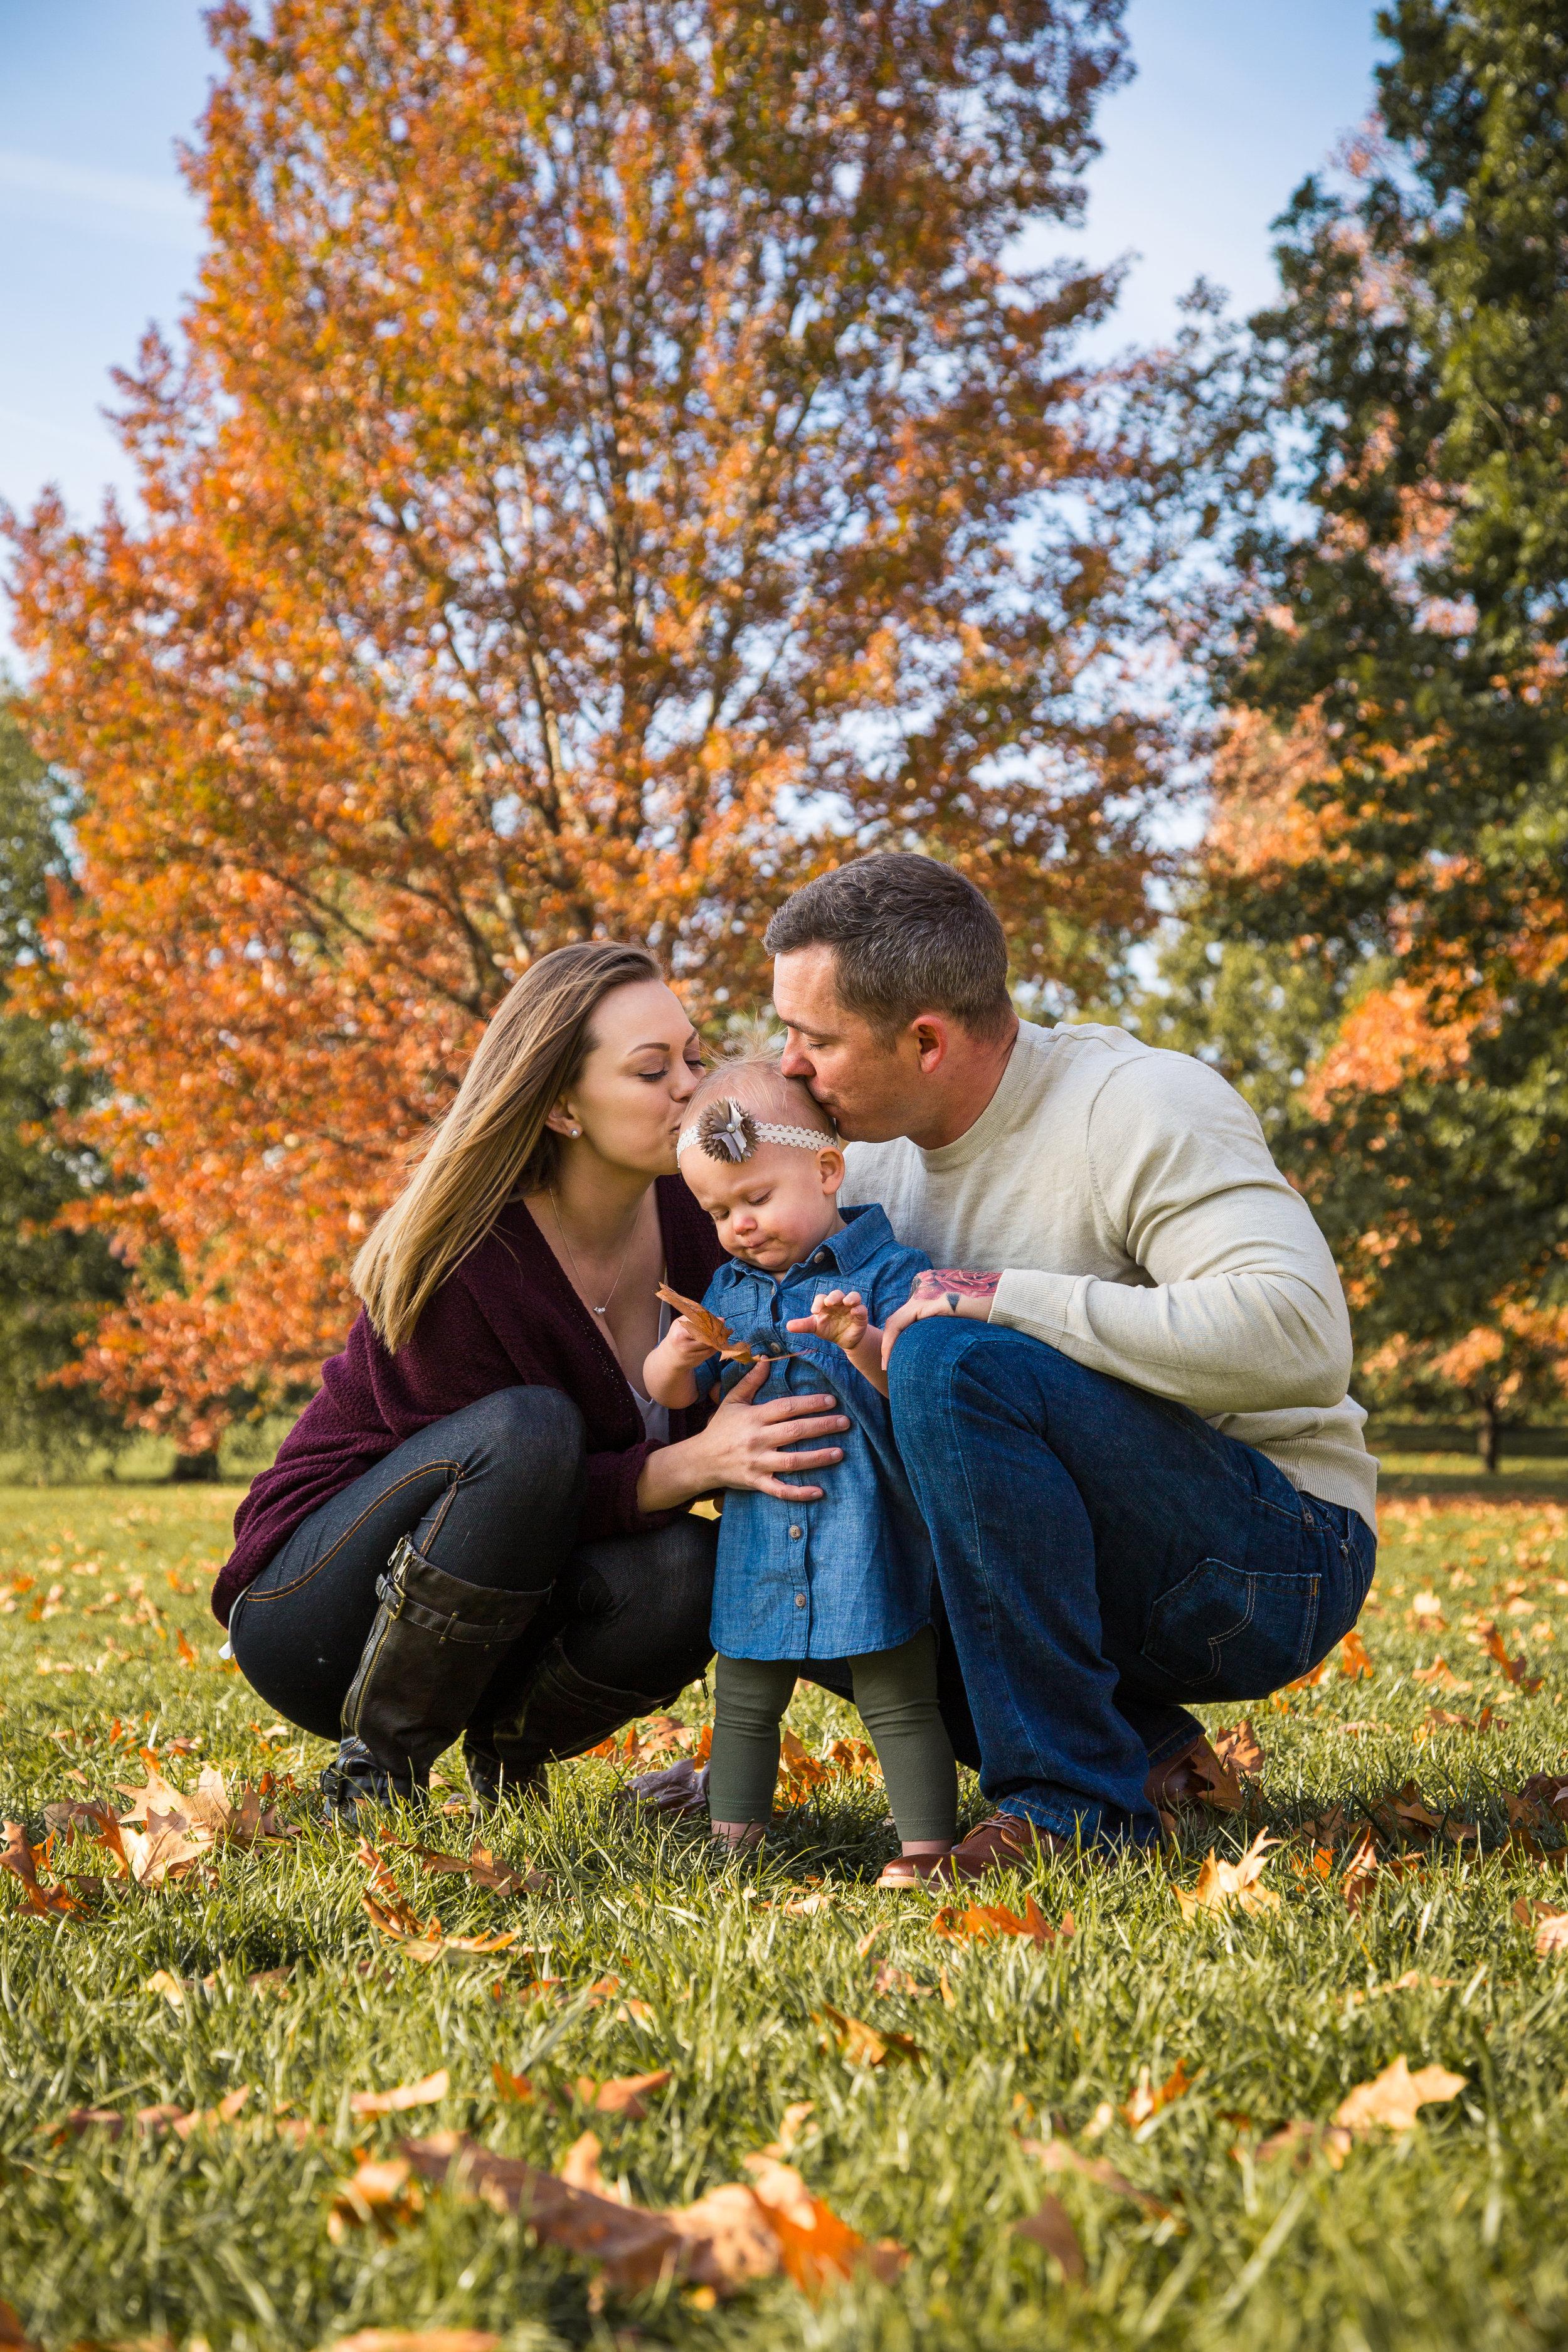 Bennett-Burrell Family Photos 2018 (24 of 39).jpg